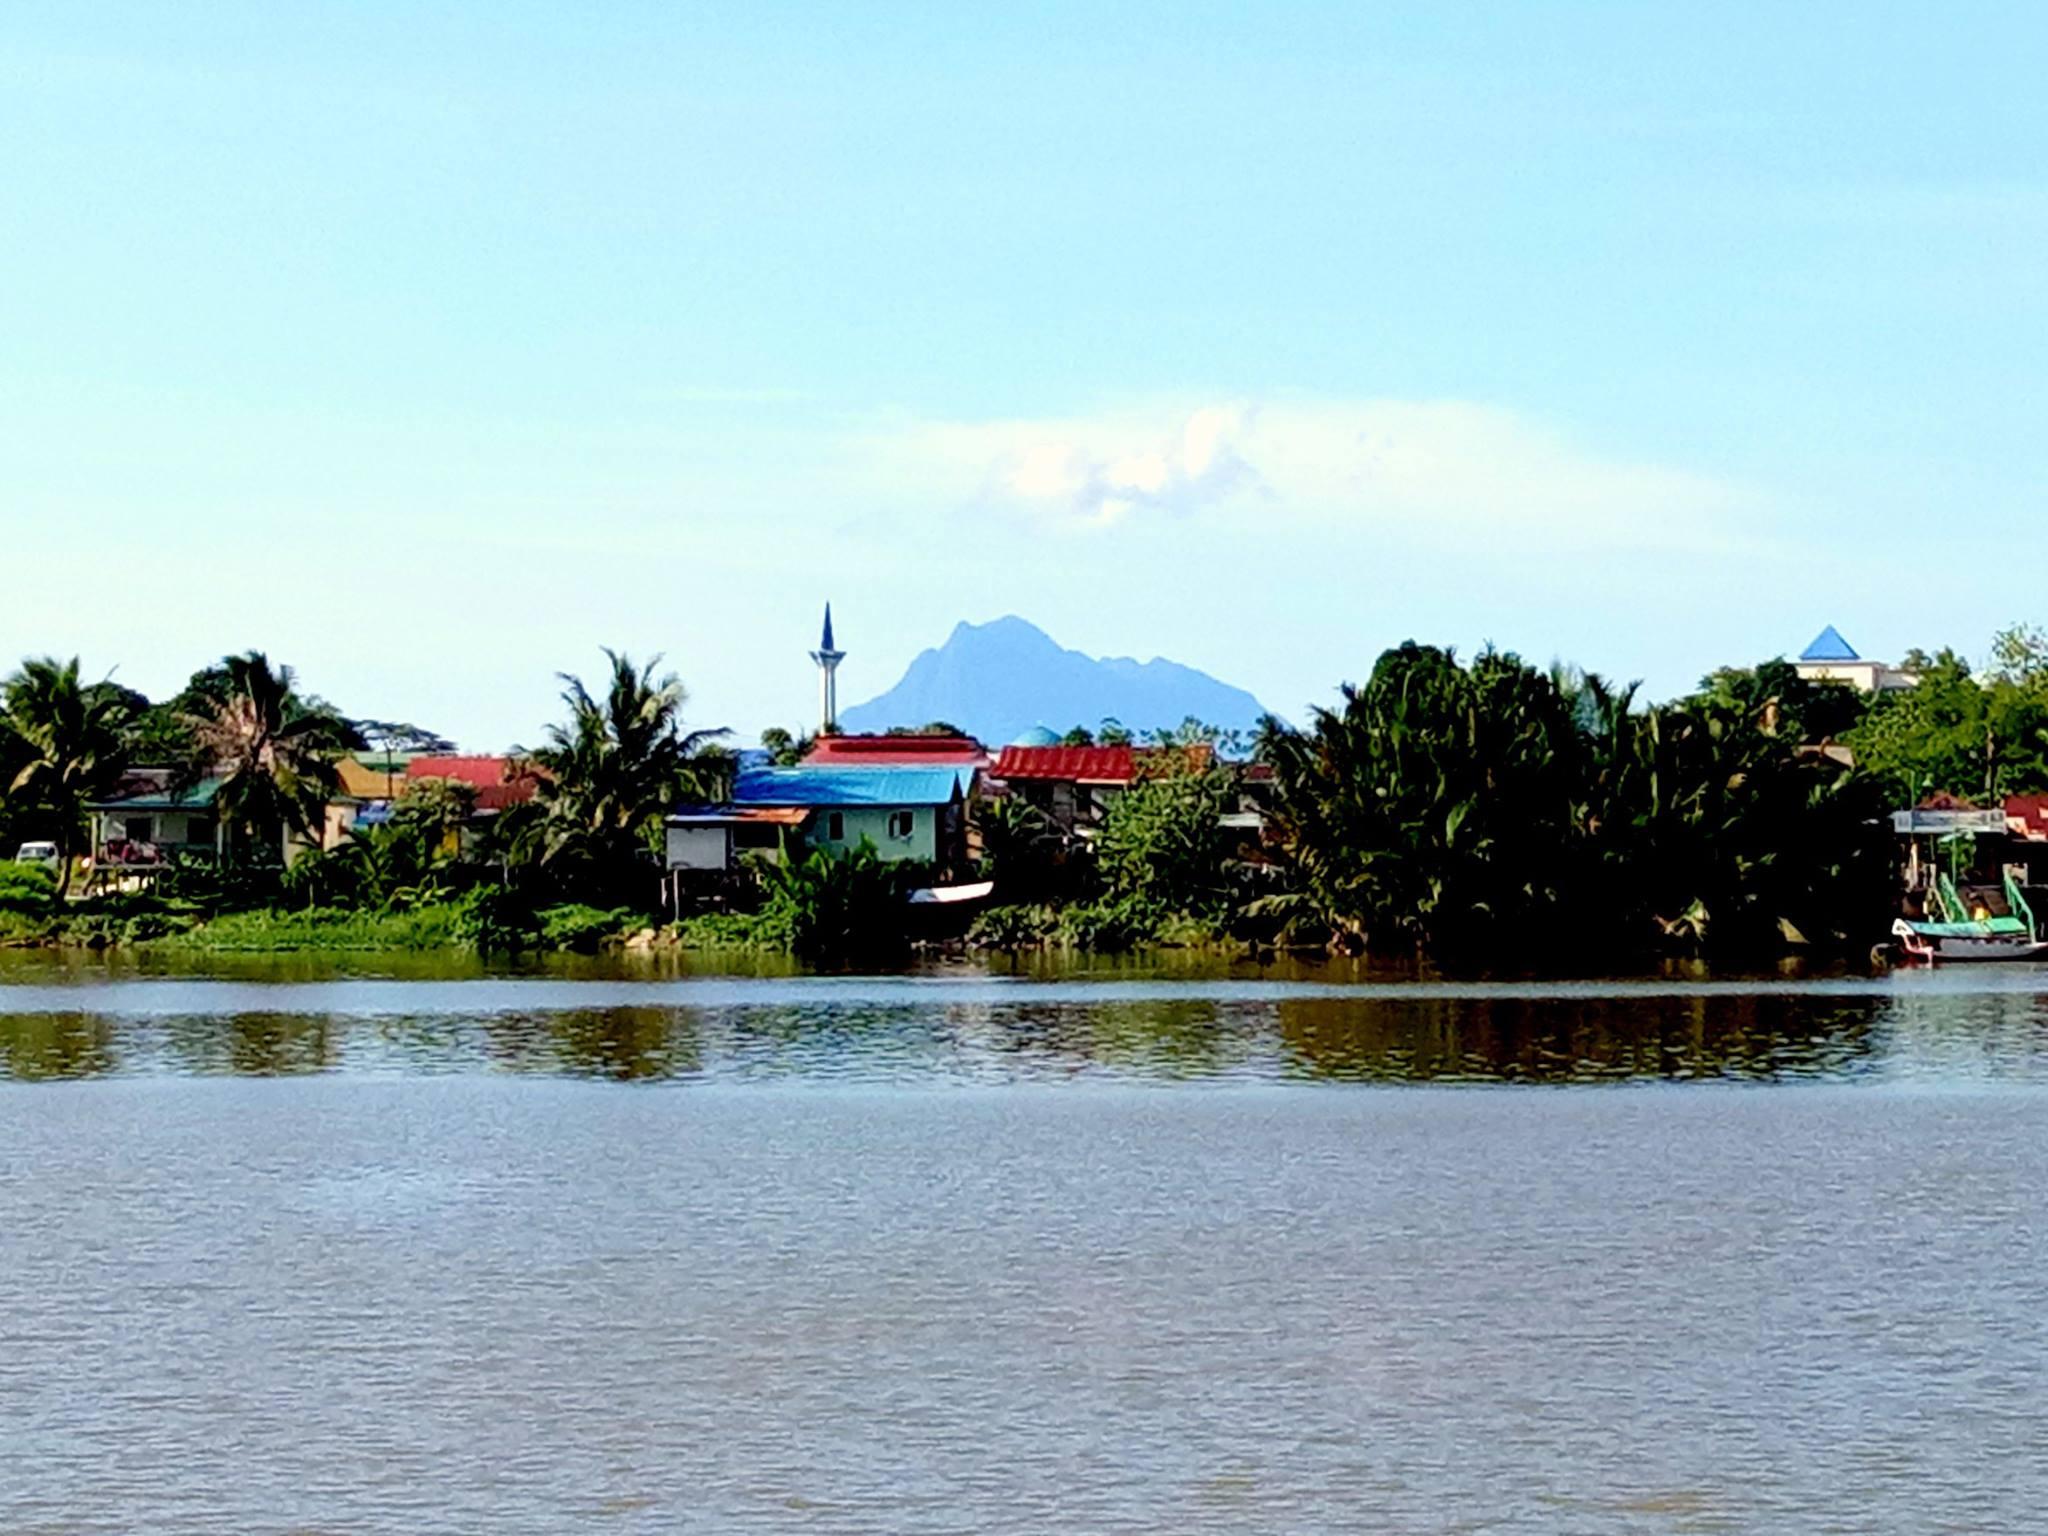 Borneo, Emotionen und Veränderung